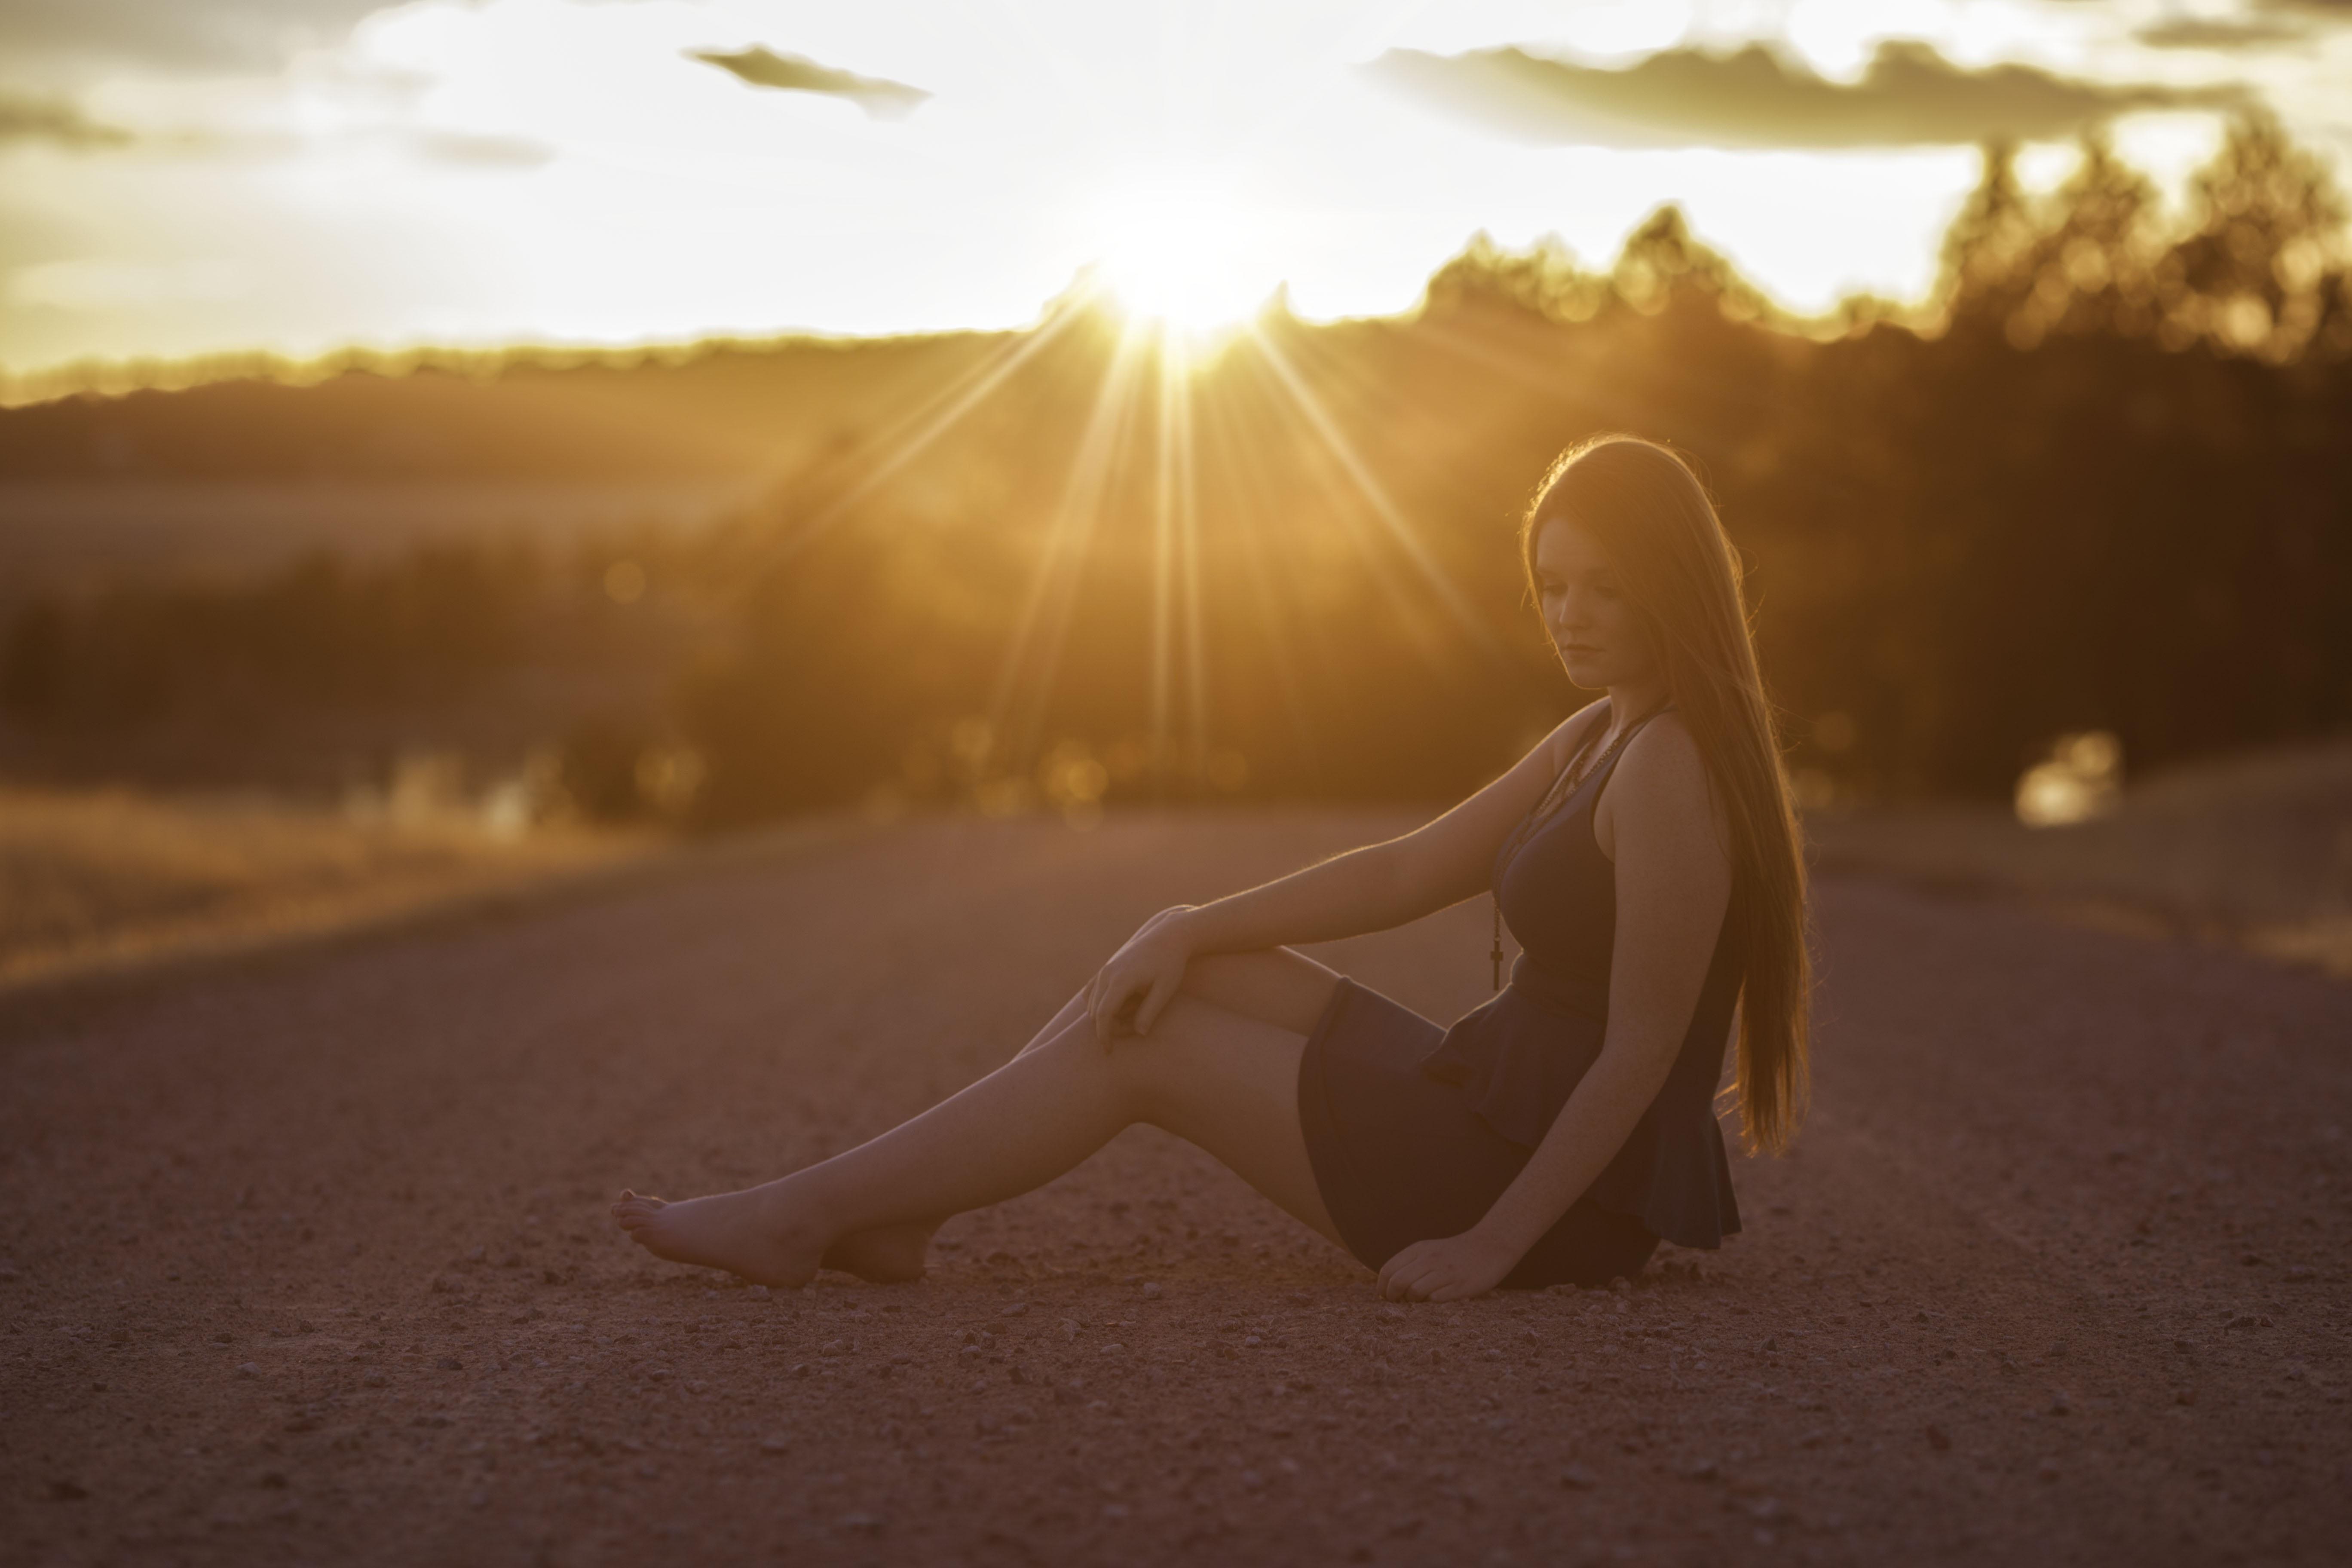 Фото красивых девушек в лучах солнца, Девушка в лучах солнца Girl in the sun Похожие фото 13 фотография